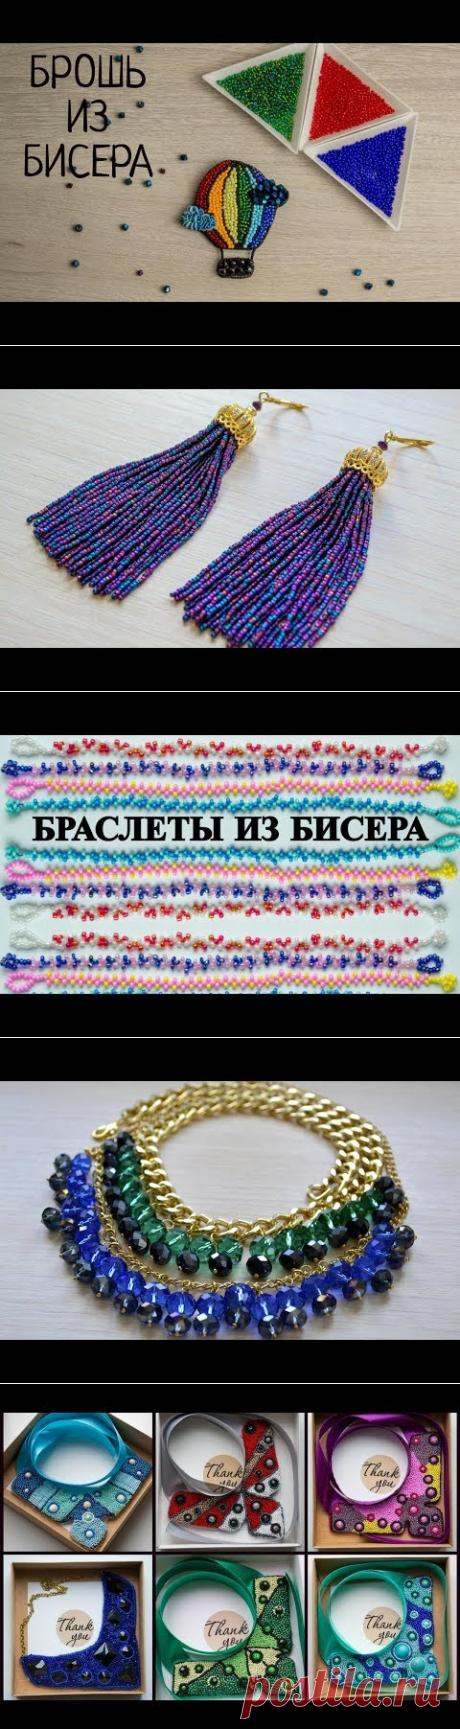 Olga Lazarchuk - YouTube